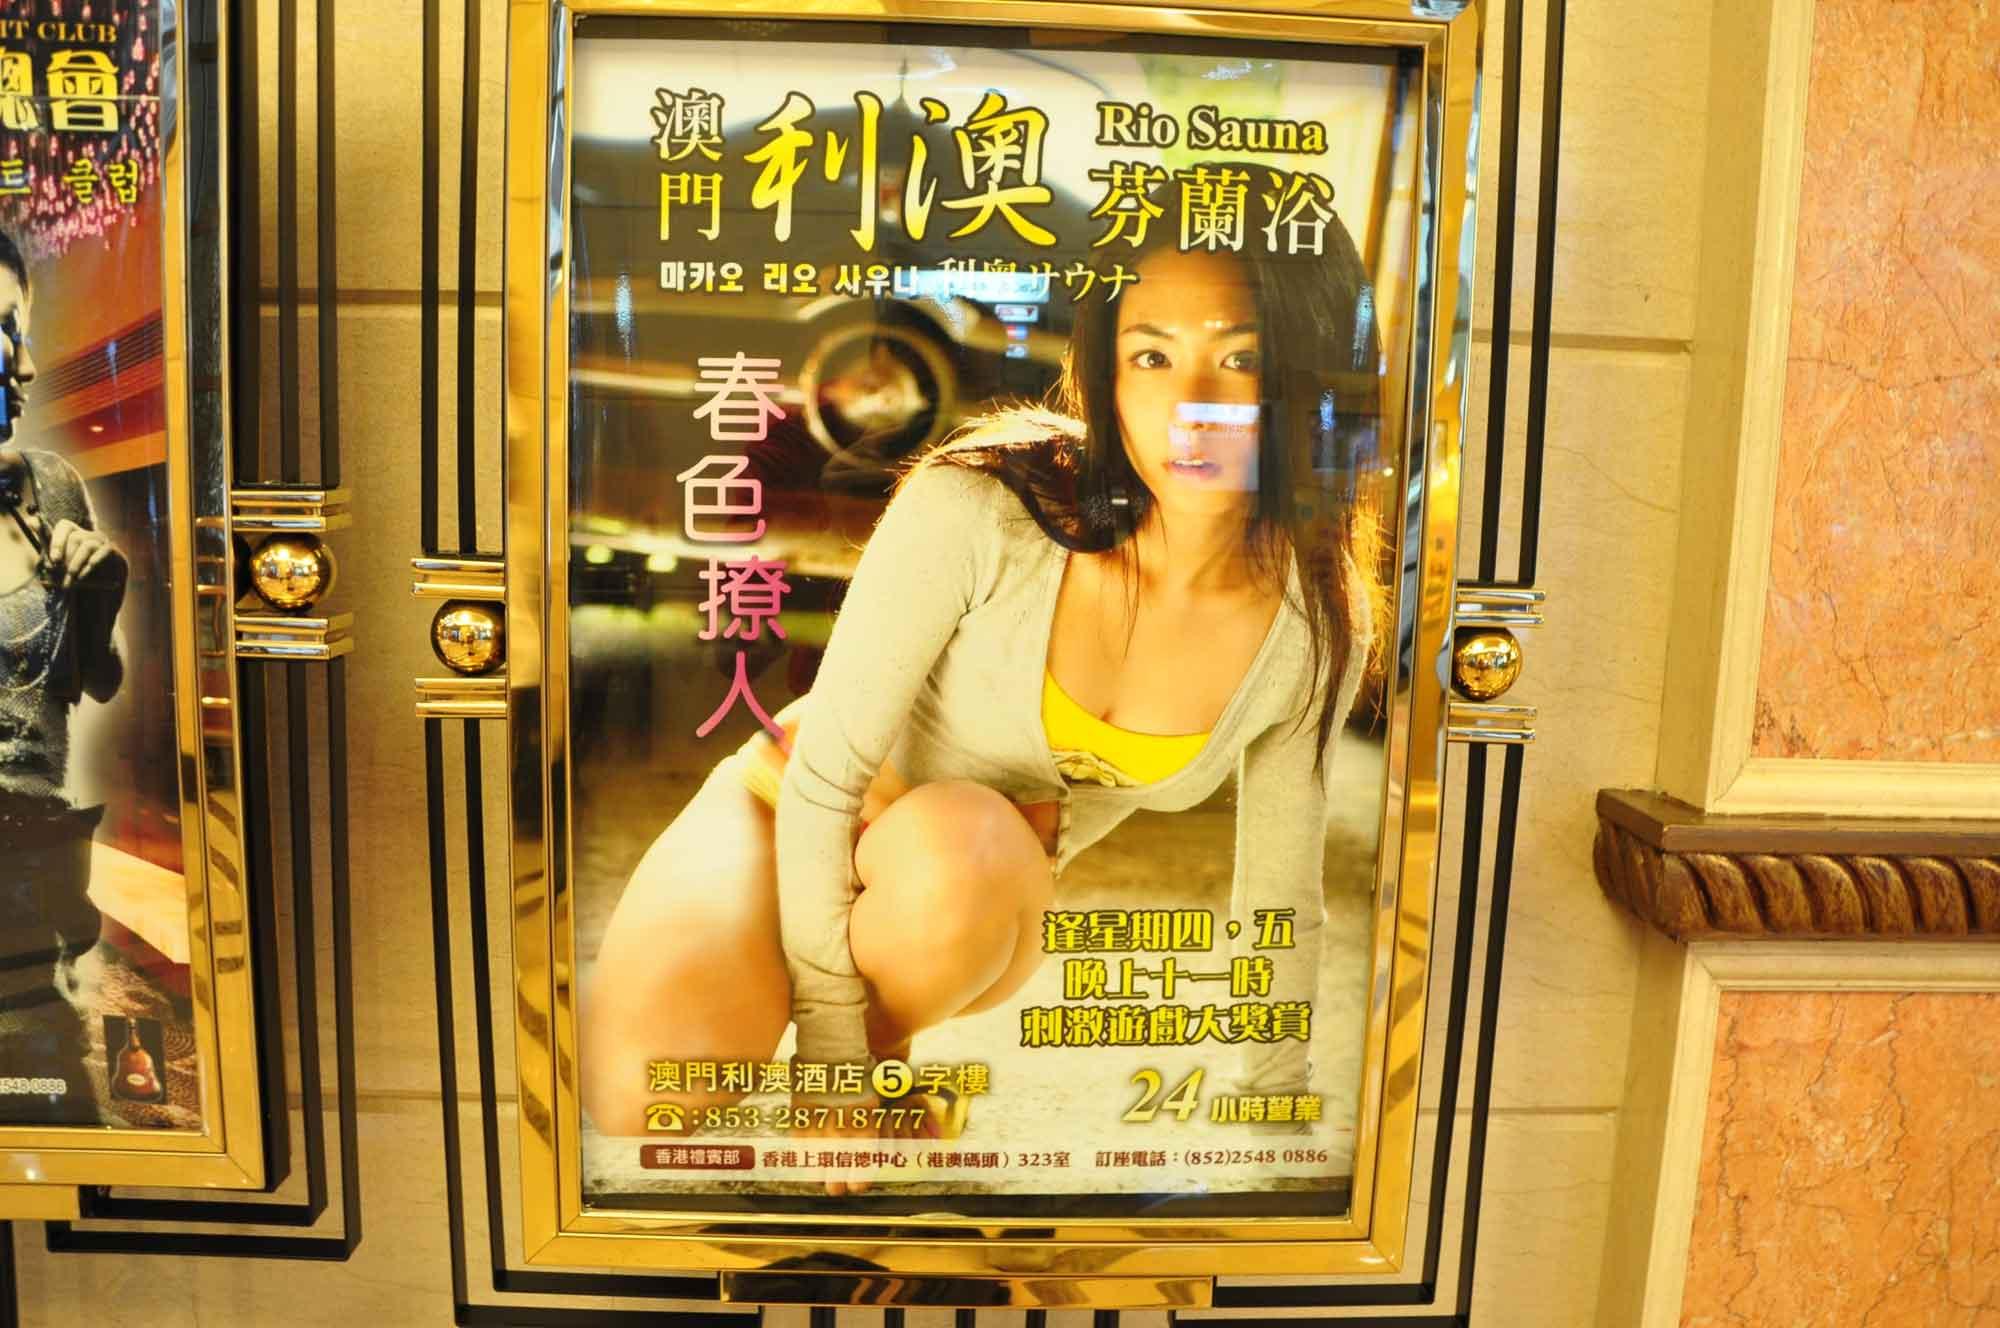 Rio Macau Sauna poster